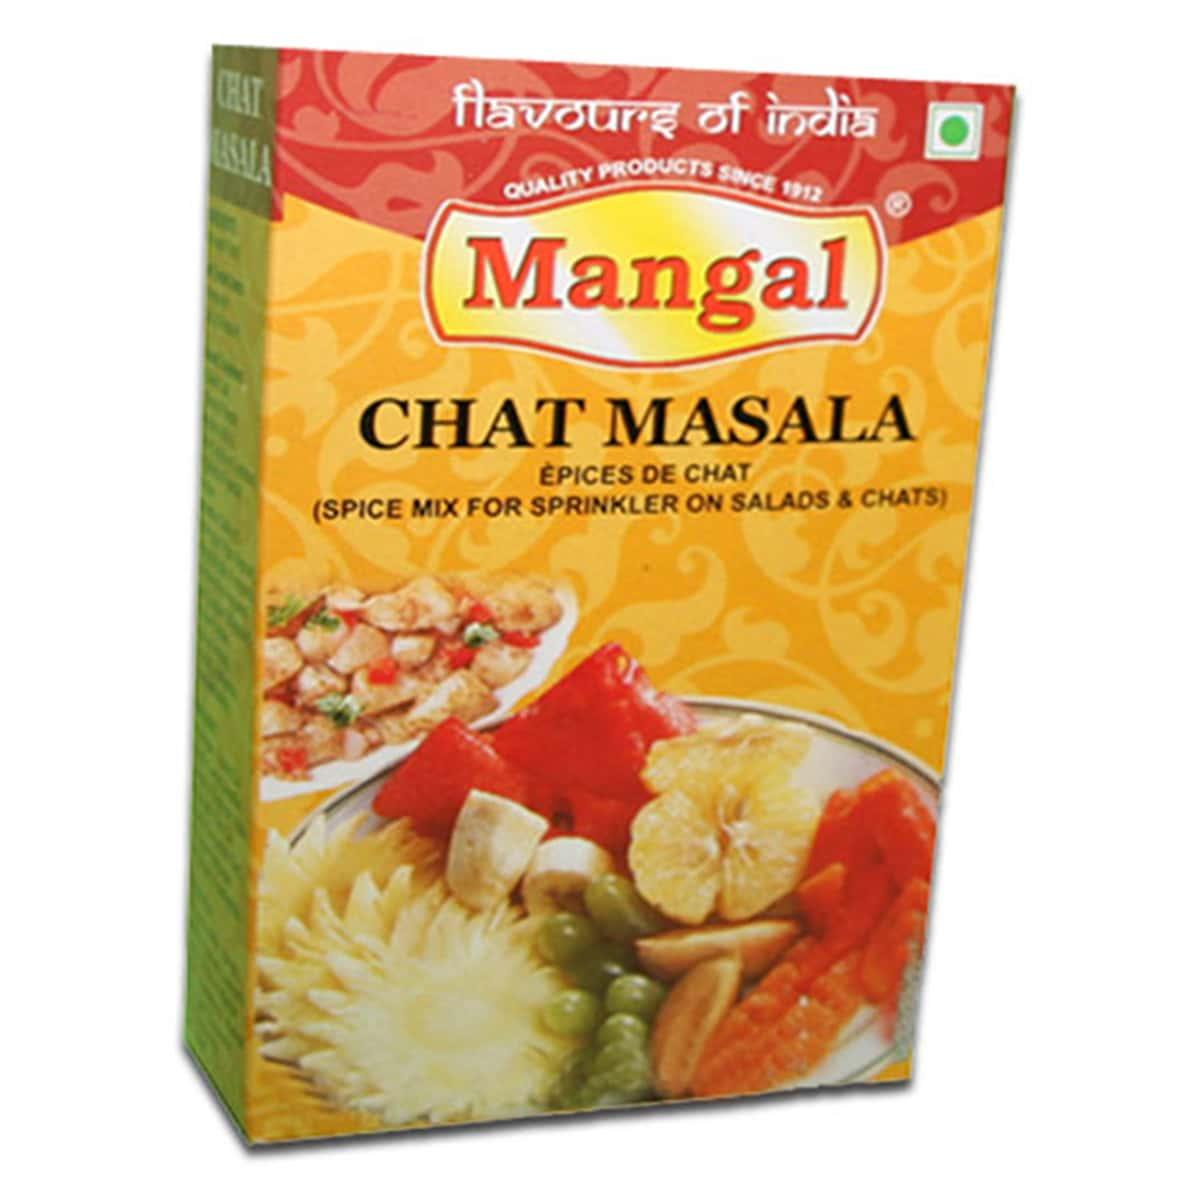 Buy Mangal Chat Masala - 100 gm